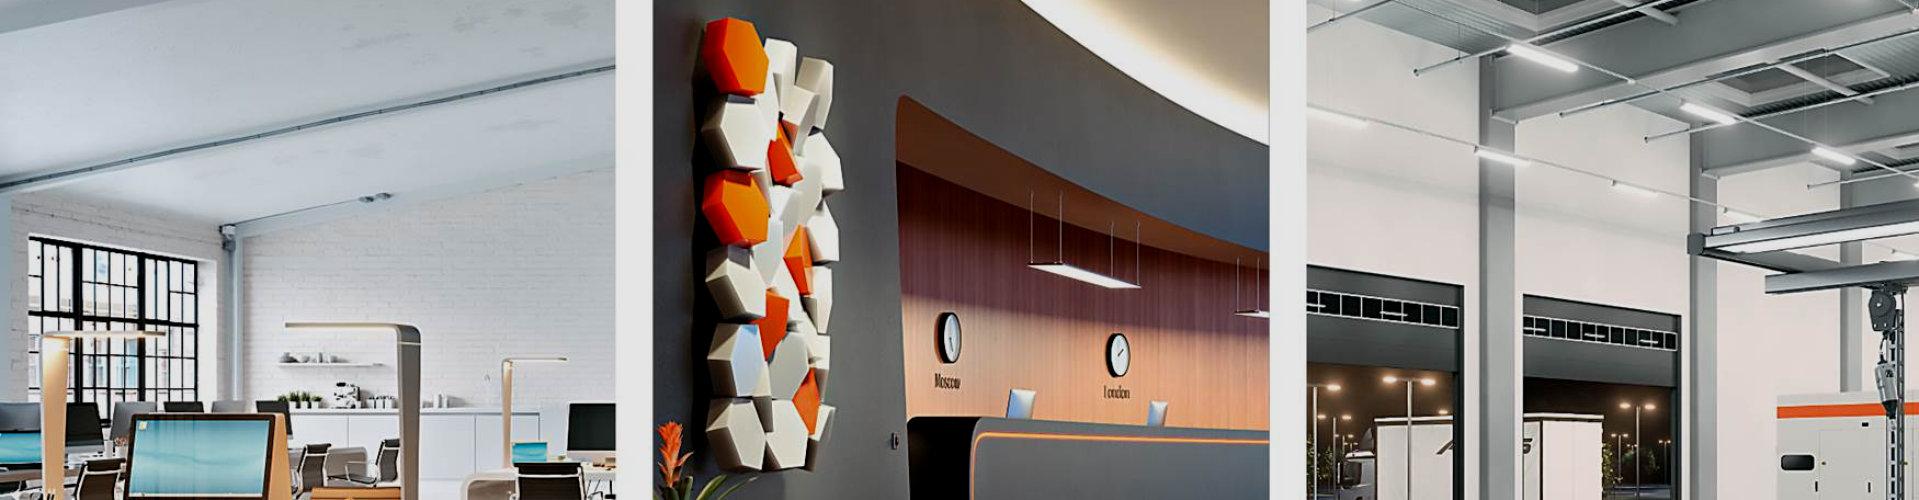 So vielseitig wie Ihre Leuchten: LED-Systemlösungen von OSRAM